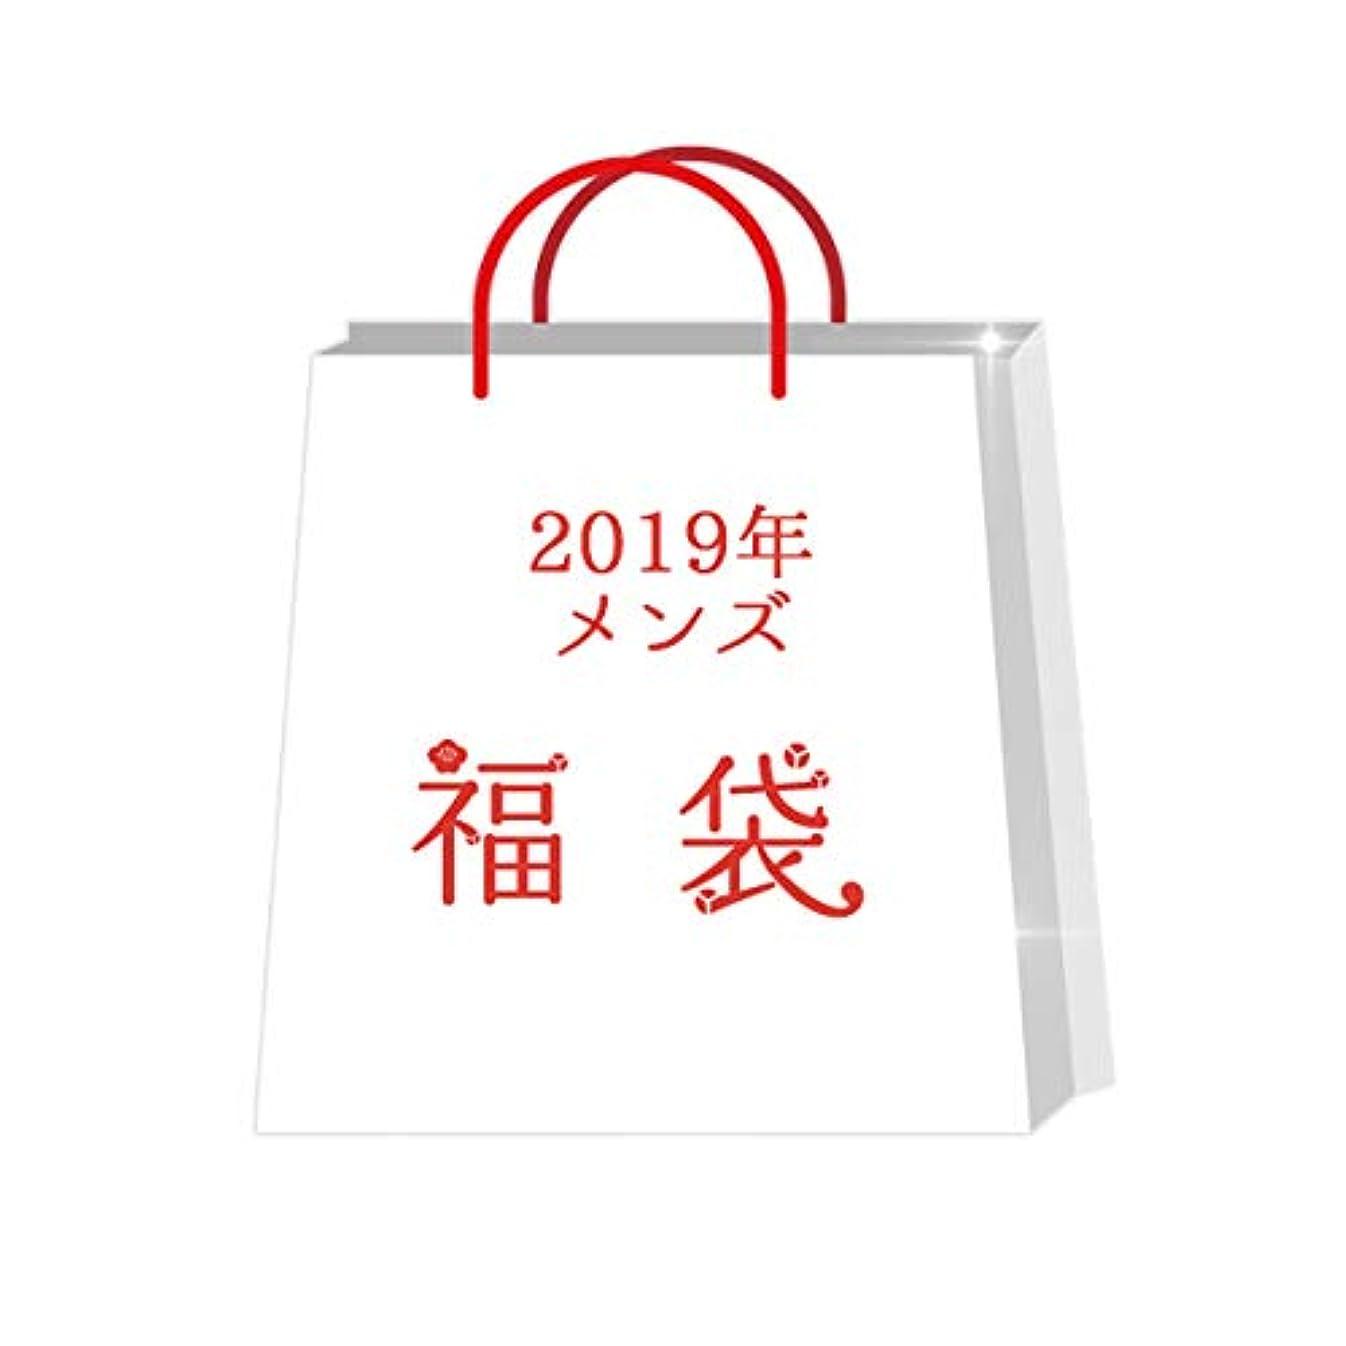 経過スラム街もちろん2019年福袋 ◆ 運だめし福袋! 1000円ぽっきり メンズ 福袋!